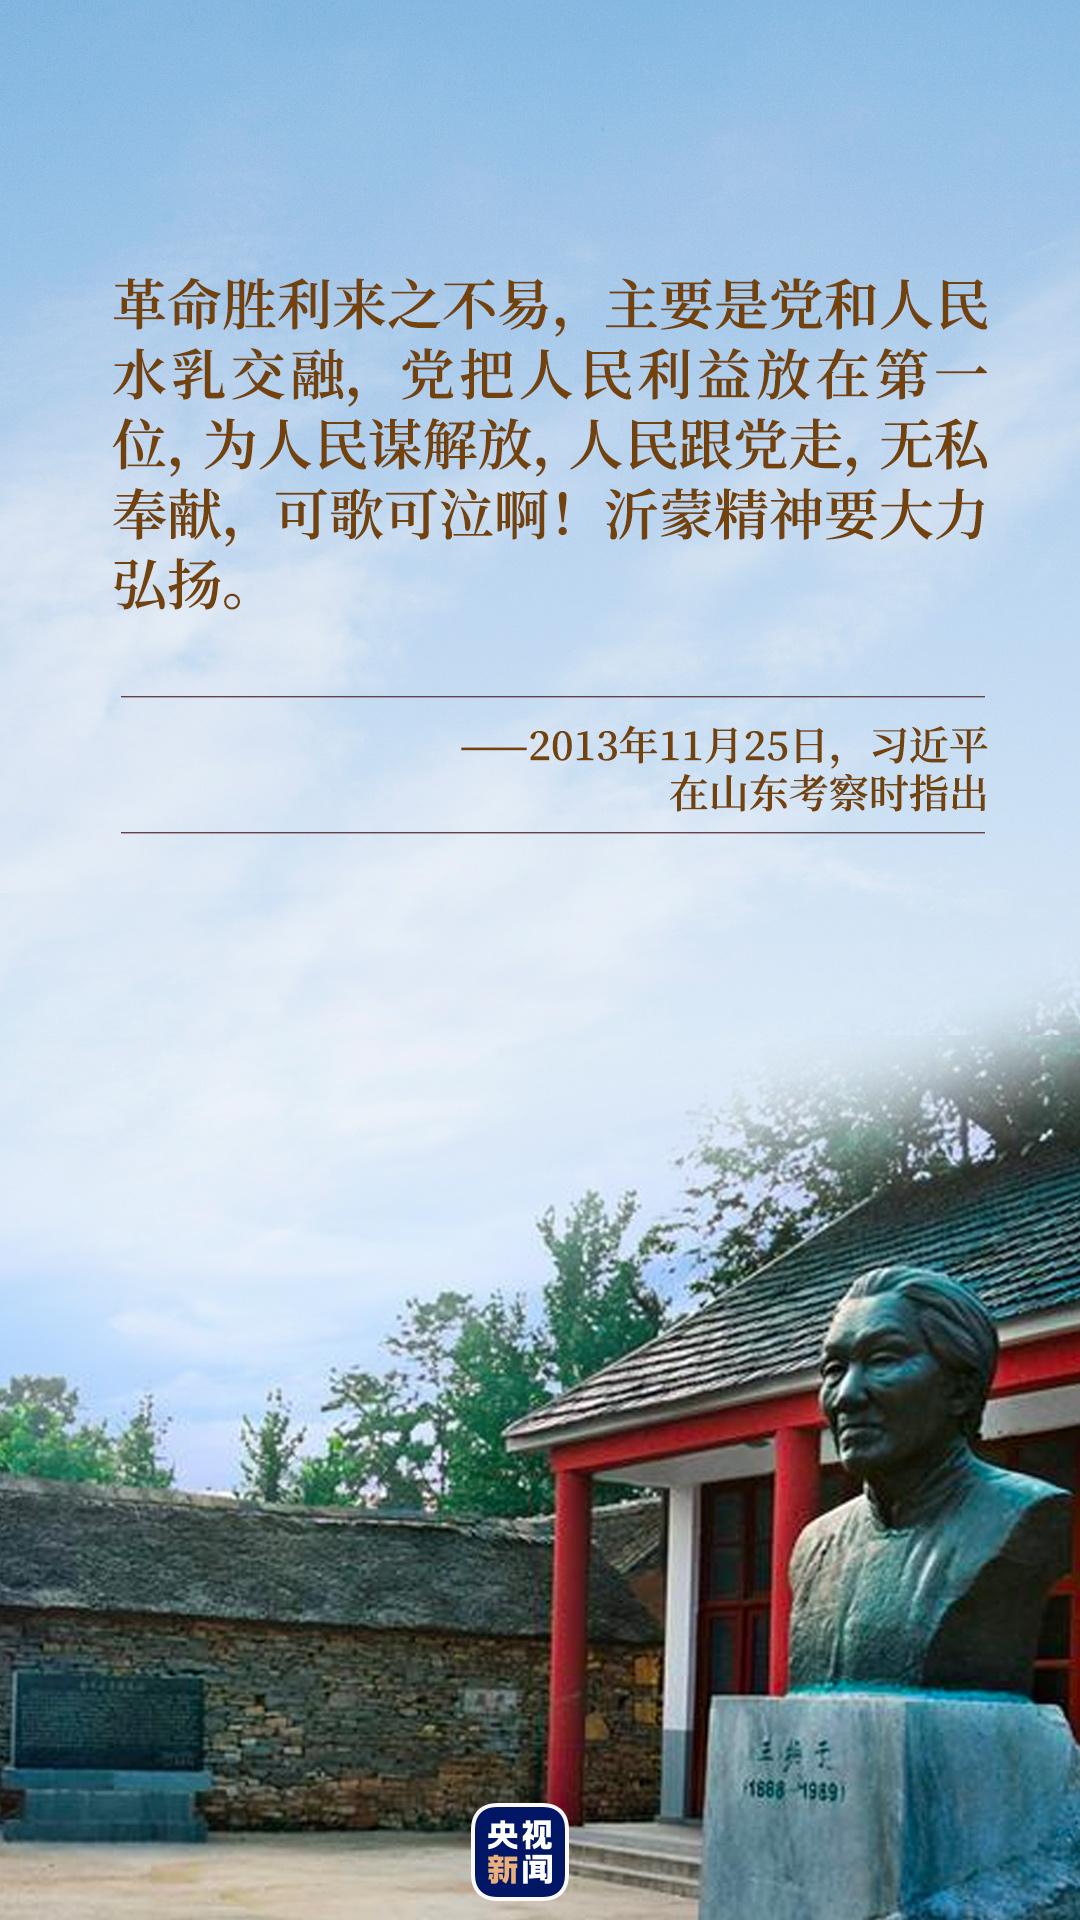 """南阳市官庄工区官庄镇召开""""学党史悟思想""""读书班交流研讨会"""